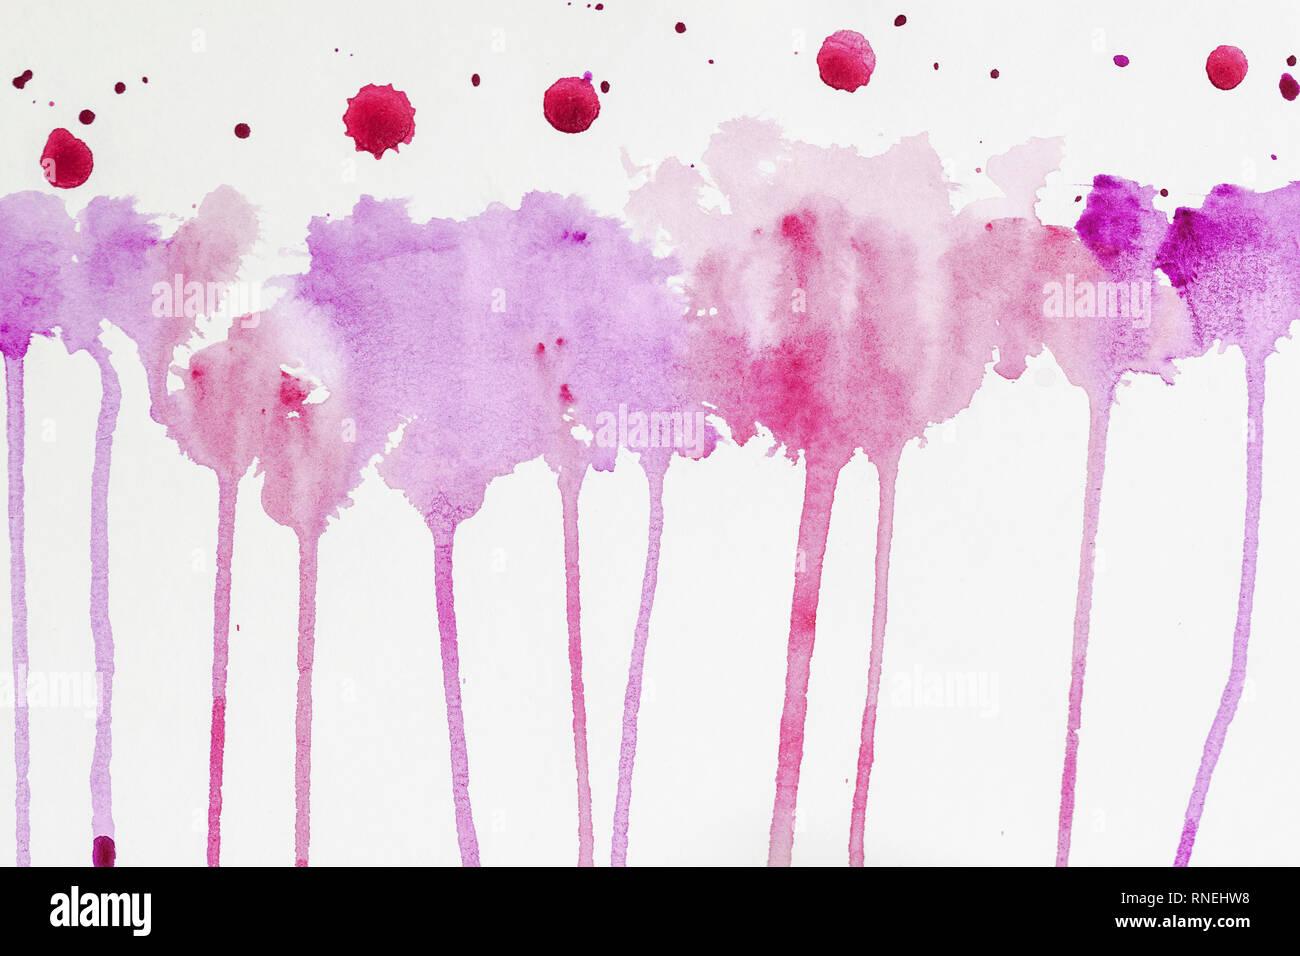 Aquarelle en cours à la main. Aquarelle abstraite, les taches colorées de texture dans les tons de pourpre et violet couleurs sur papier blanc Banque D'Images